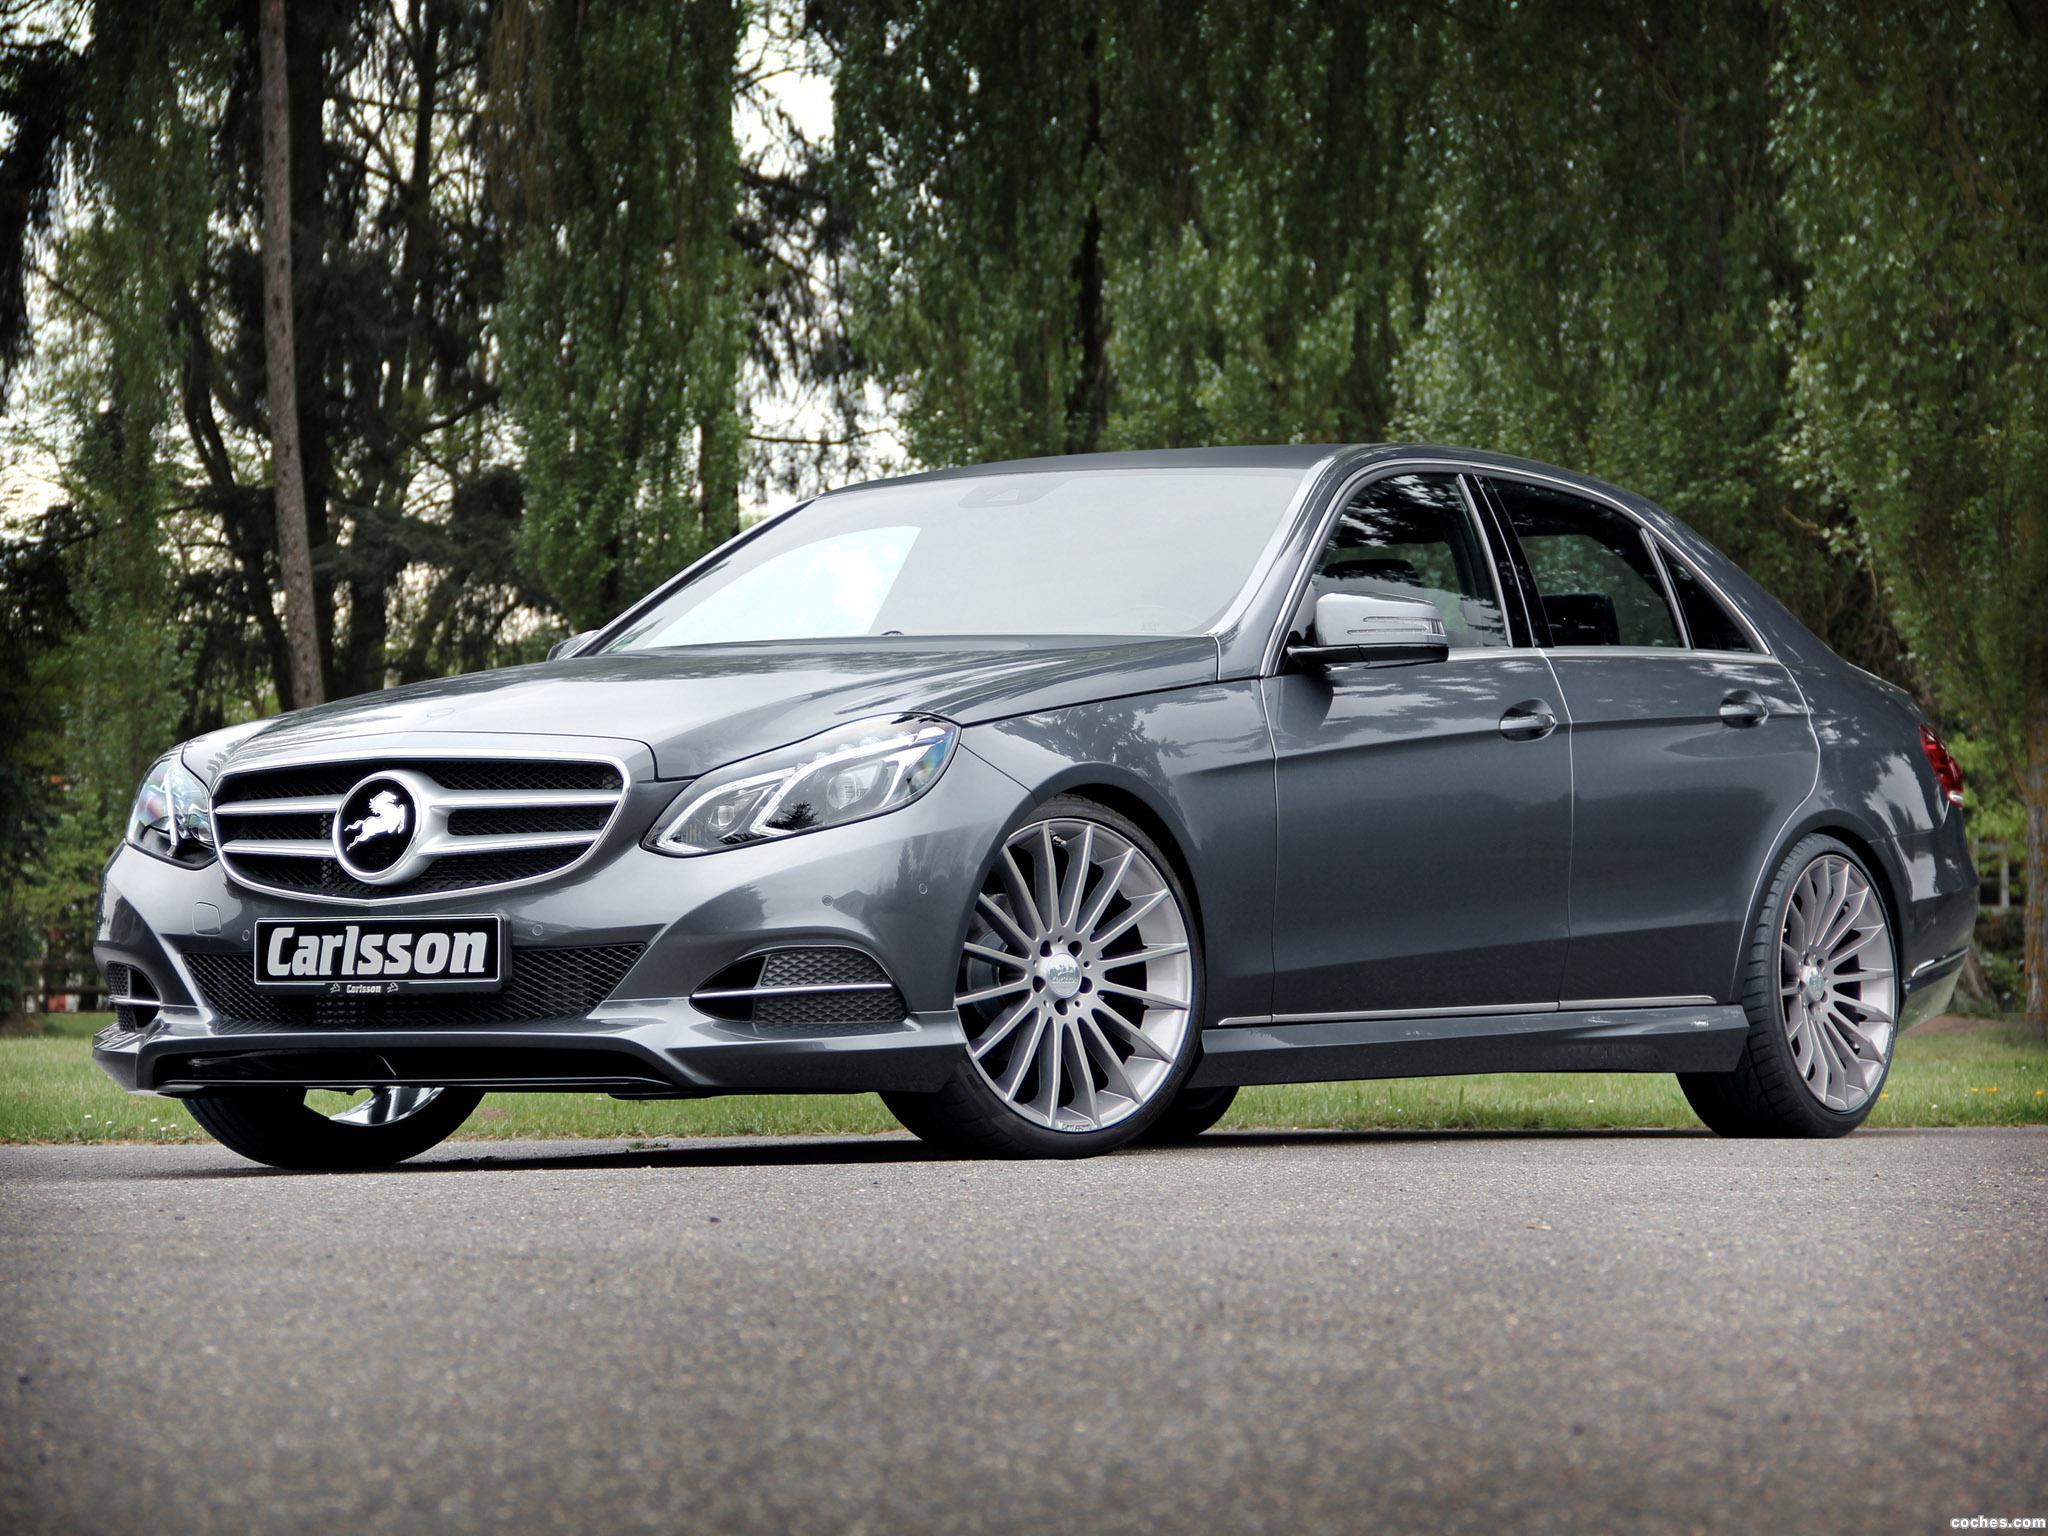 Foto 0 de Carlsson Mercedes Clase E CE 30 W212 2014